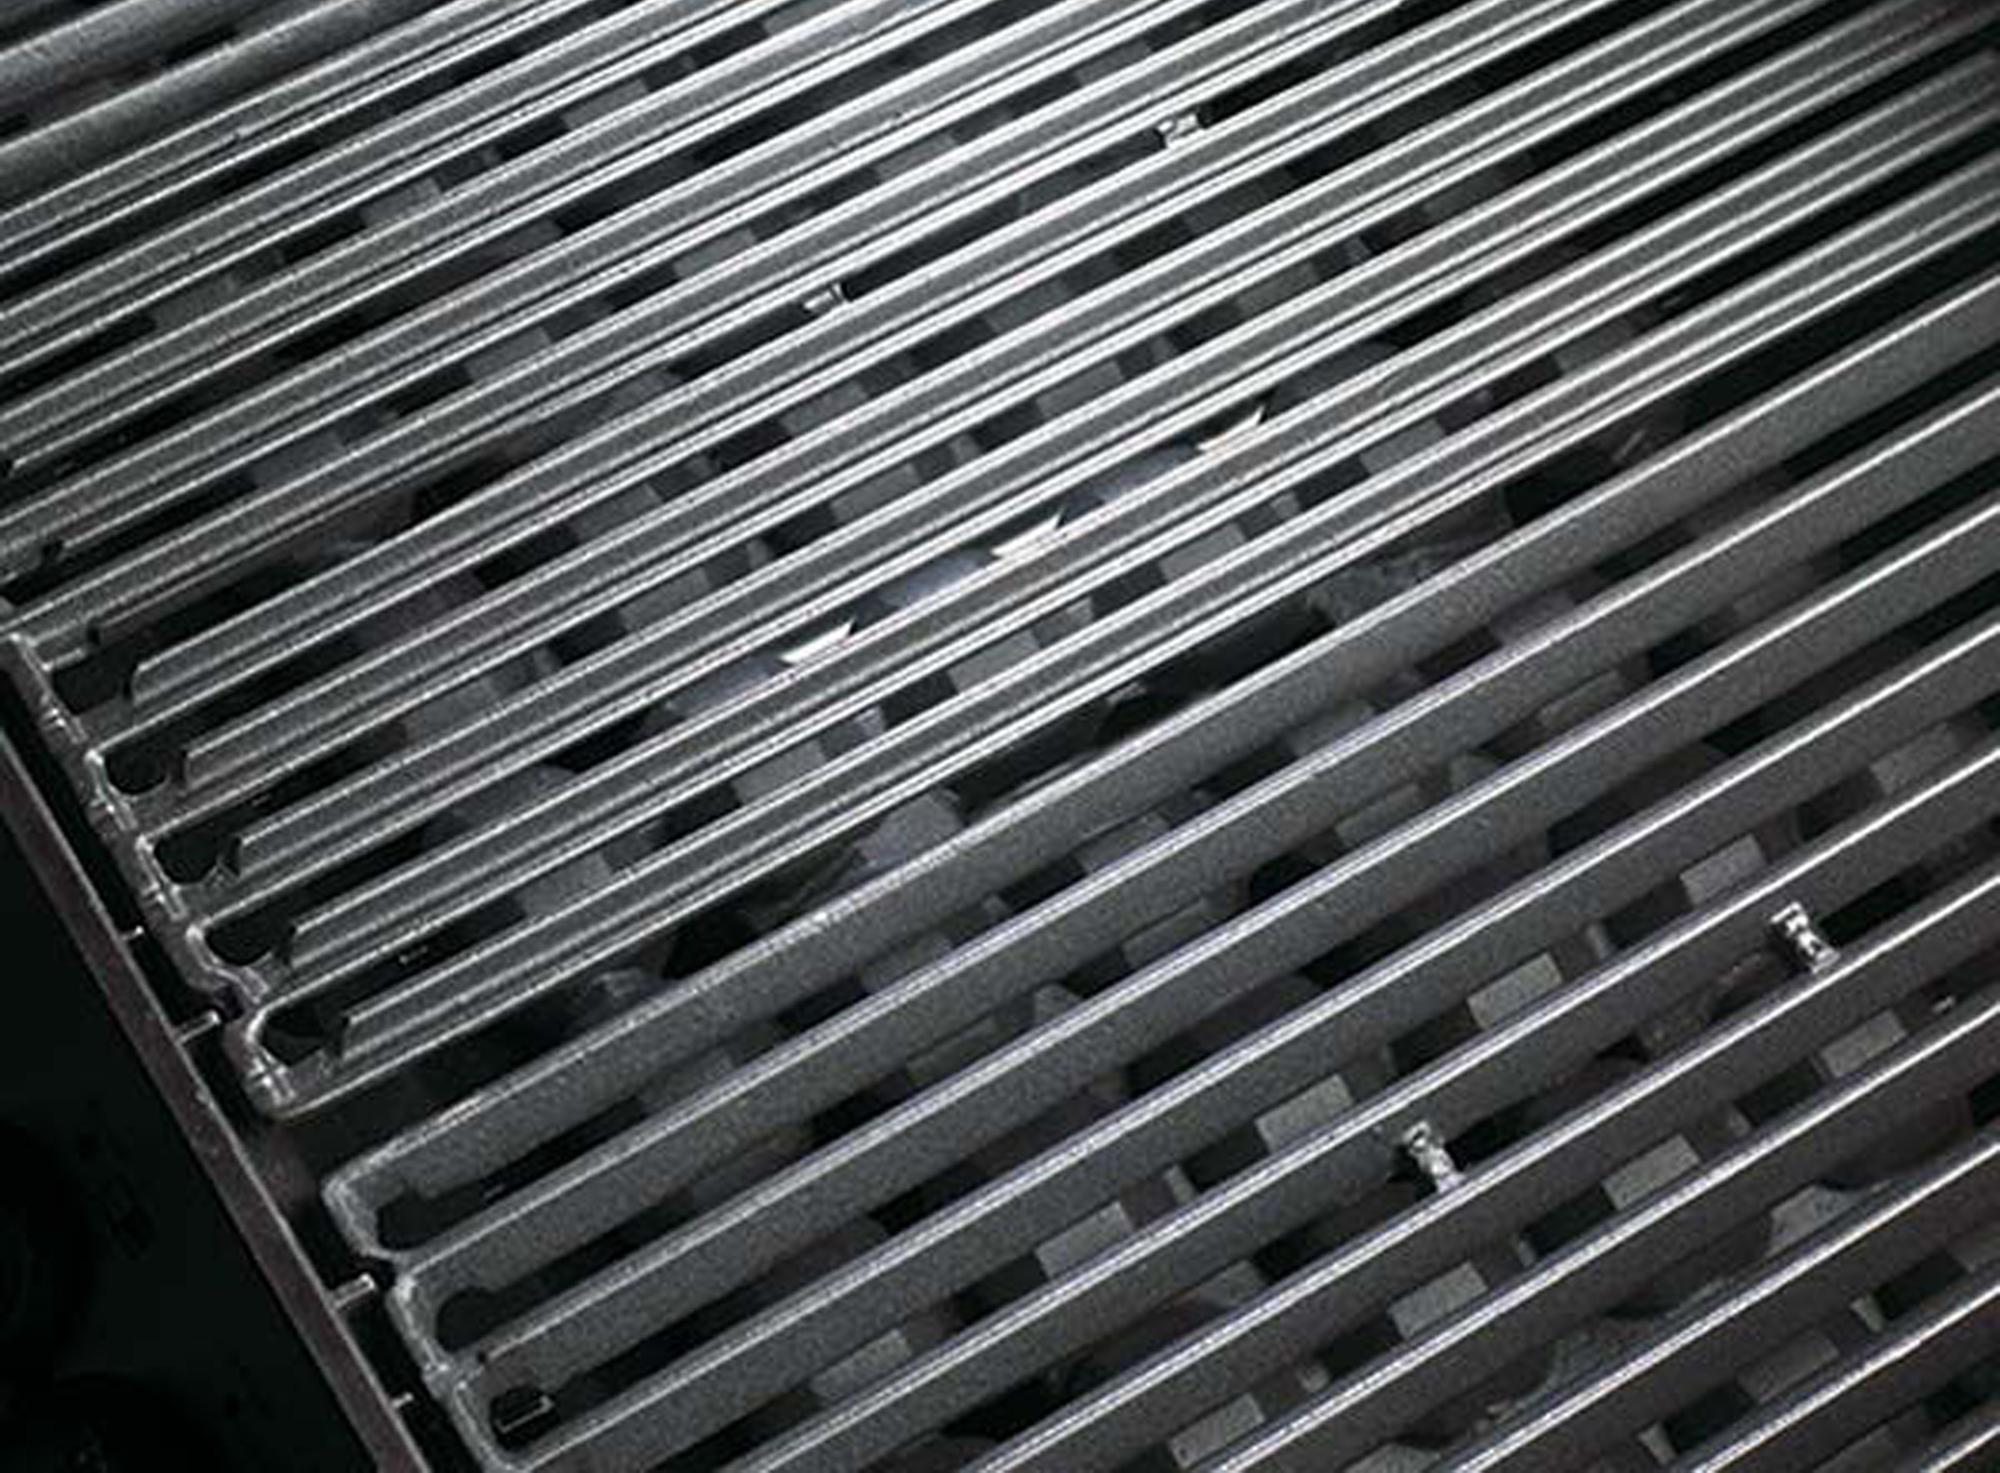 Landmann Gasgrill Chefgrill : Der große gasgrill vergleich wir verraten welcher am besten grillt